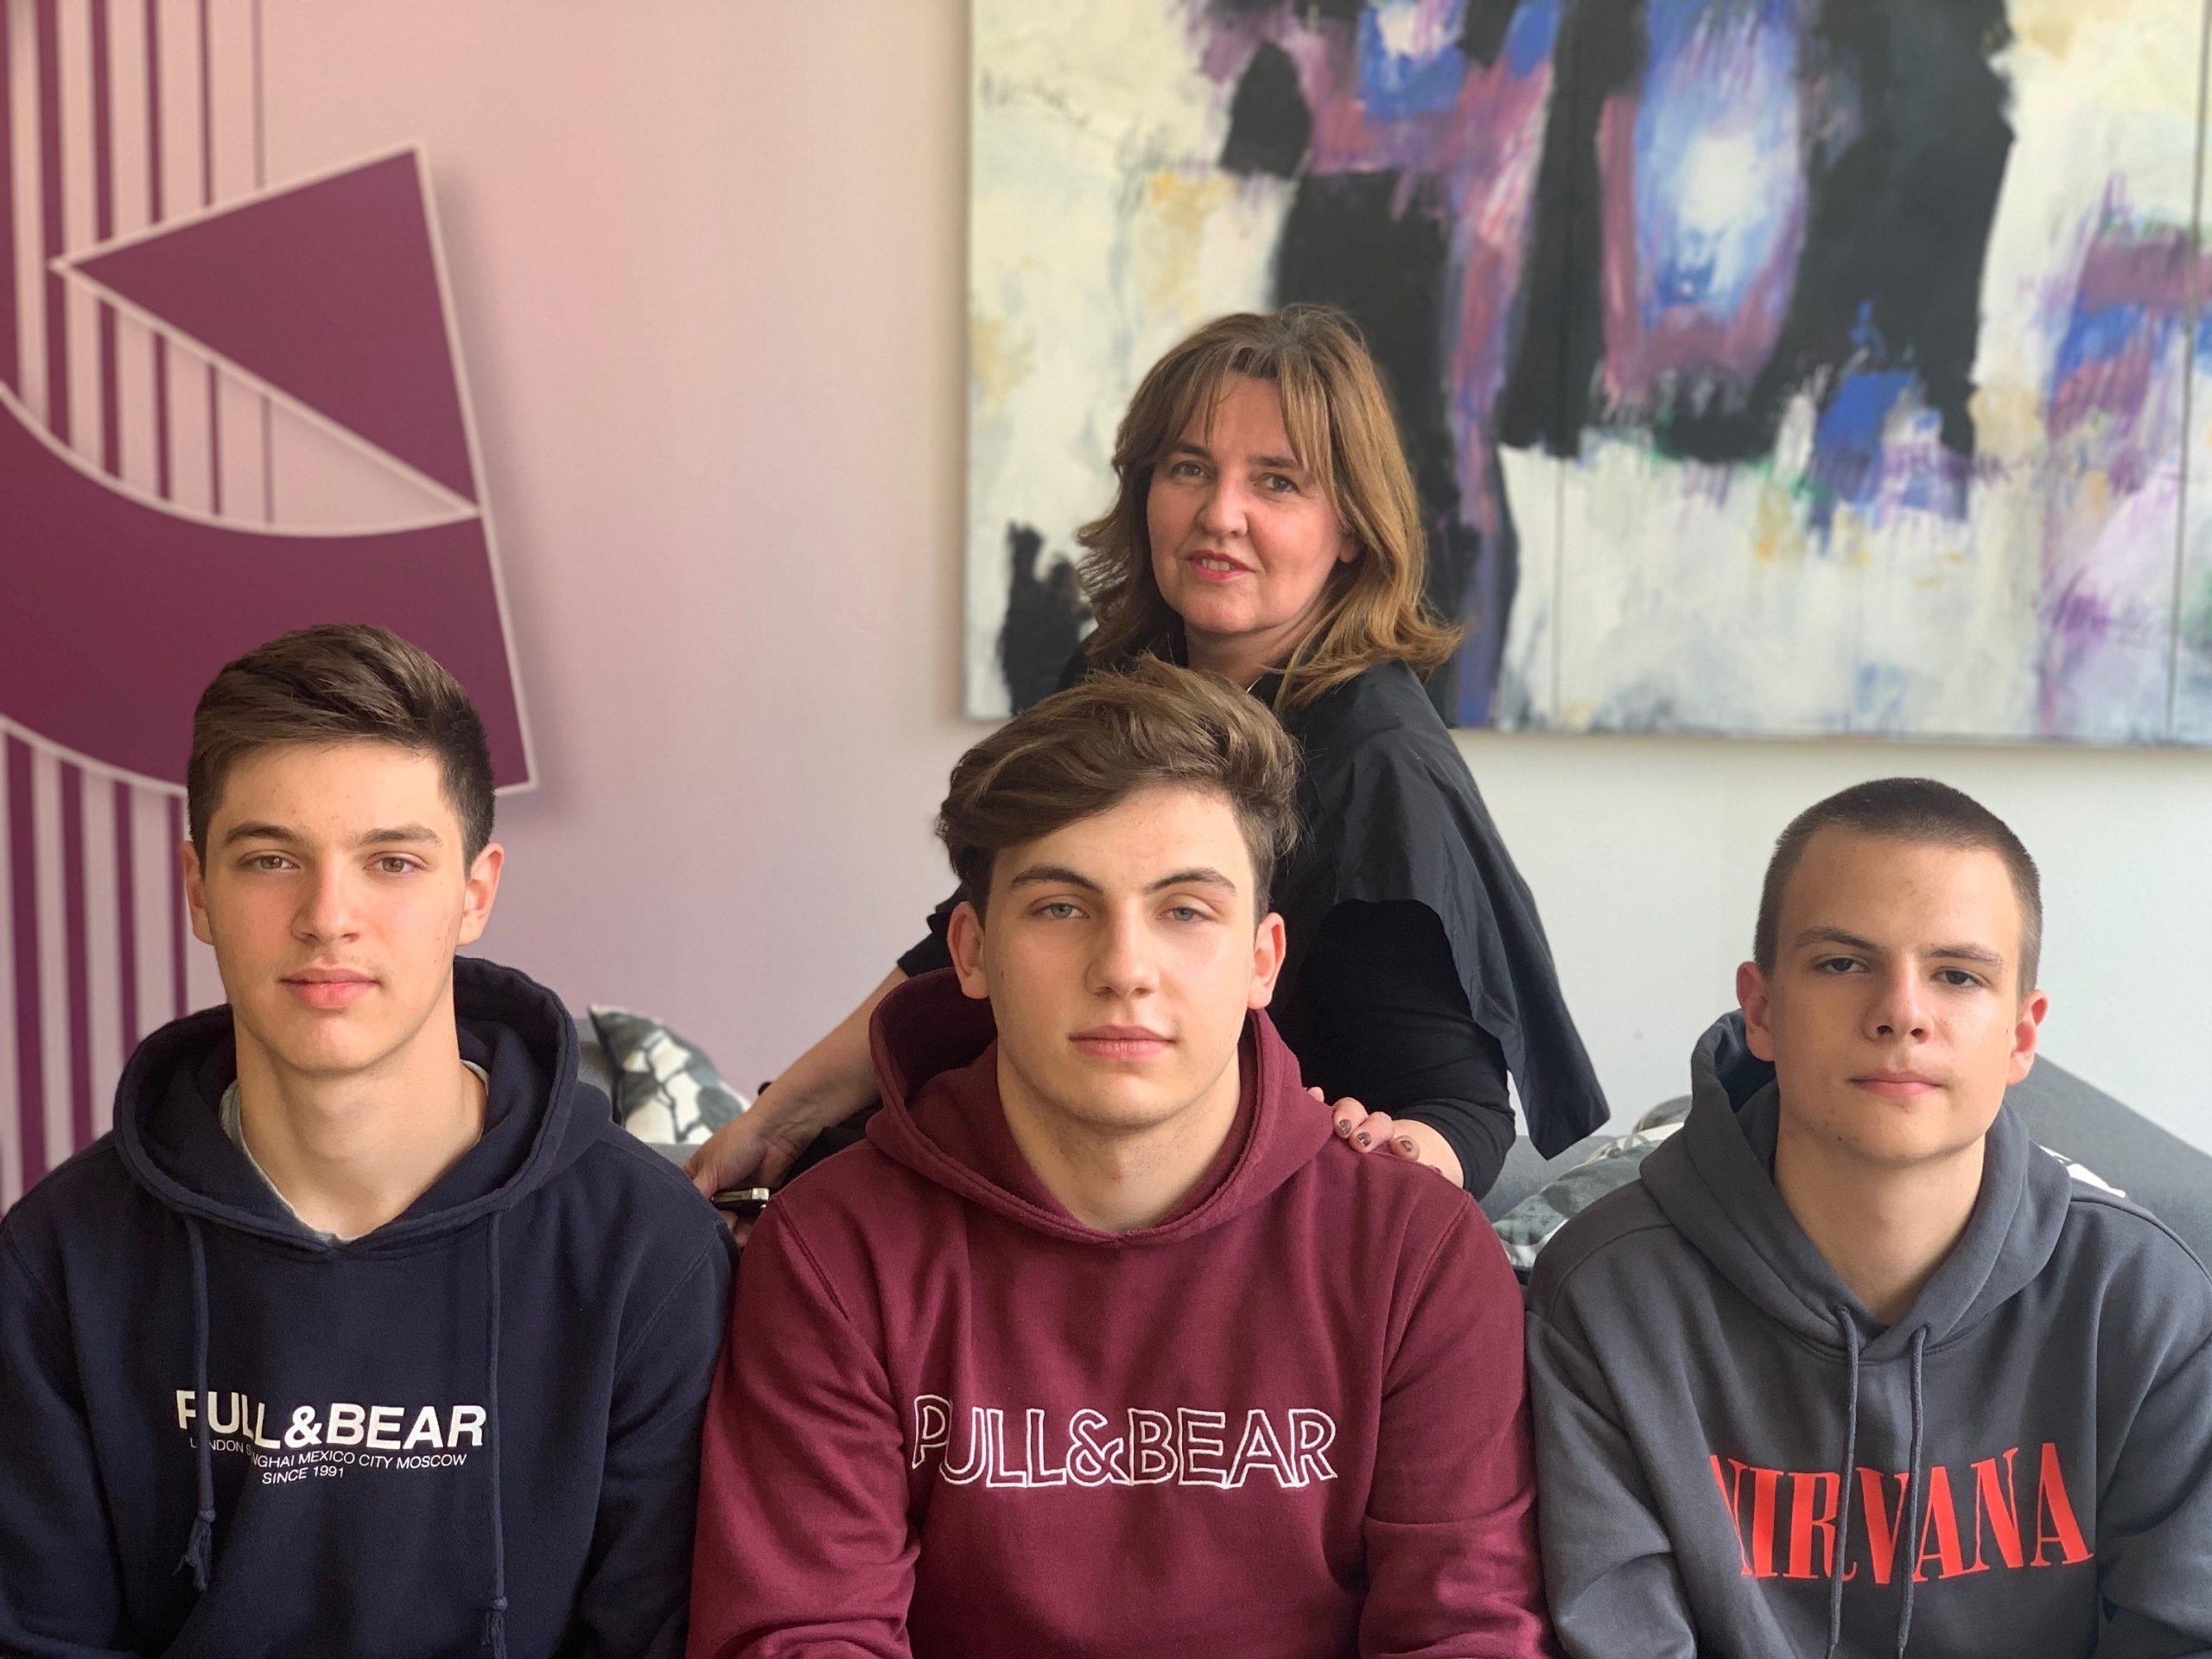 Nagrađeni učenici iz Čakovca Leon Vajda, Hugo Mađarić, Andrija Palašek s profesoricom Tamarom Srnec